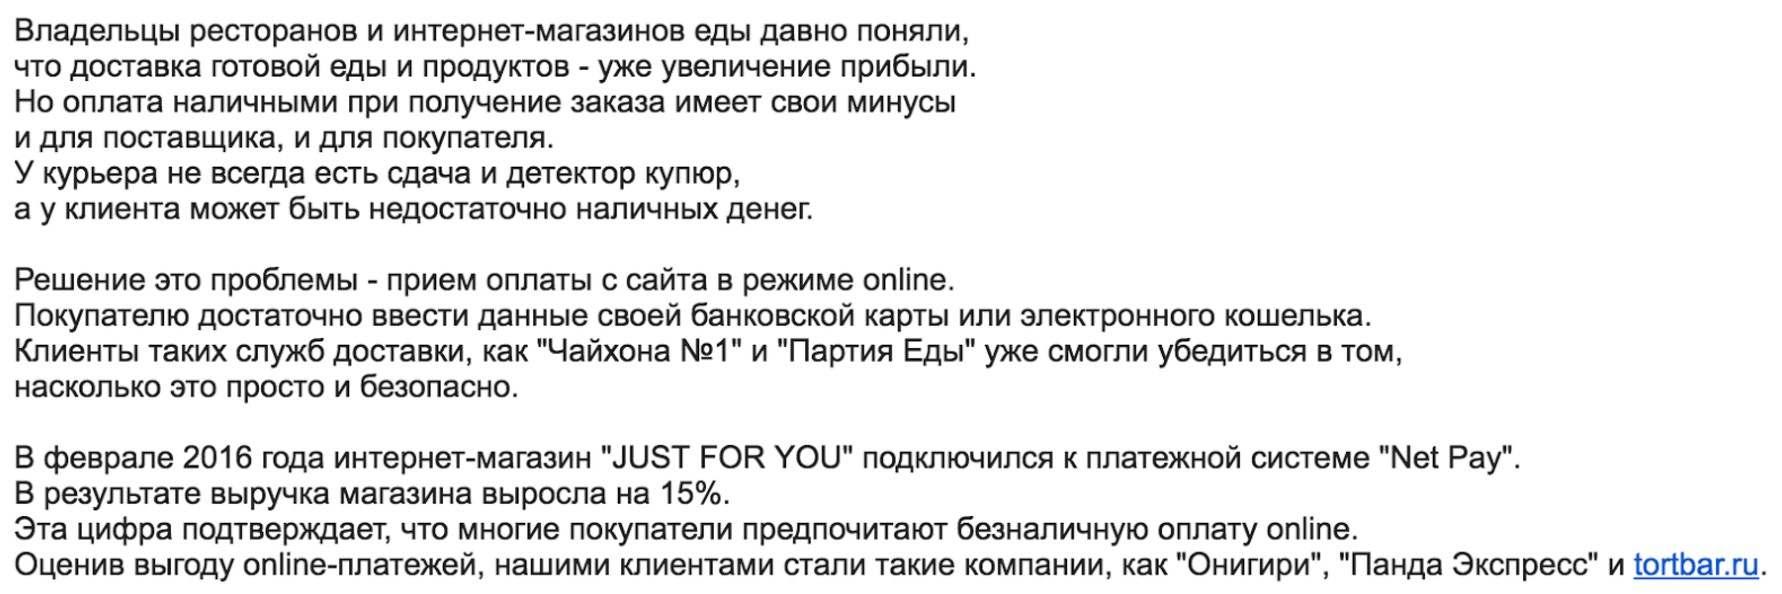 Текст от копирайтера